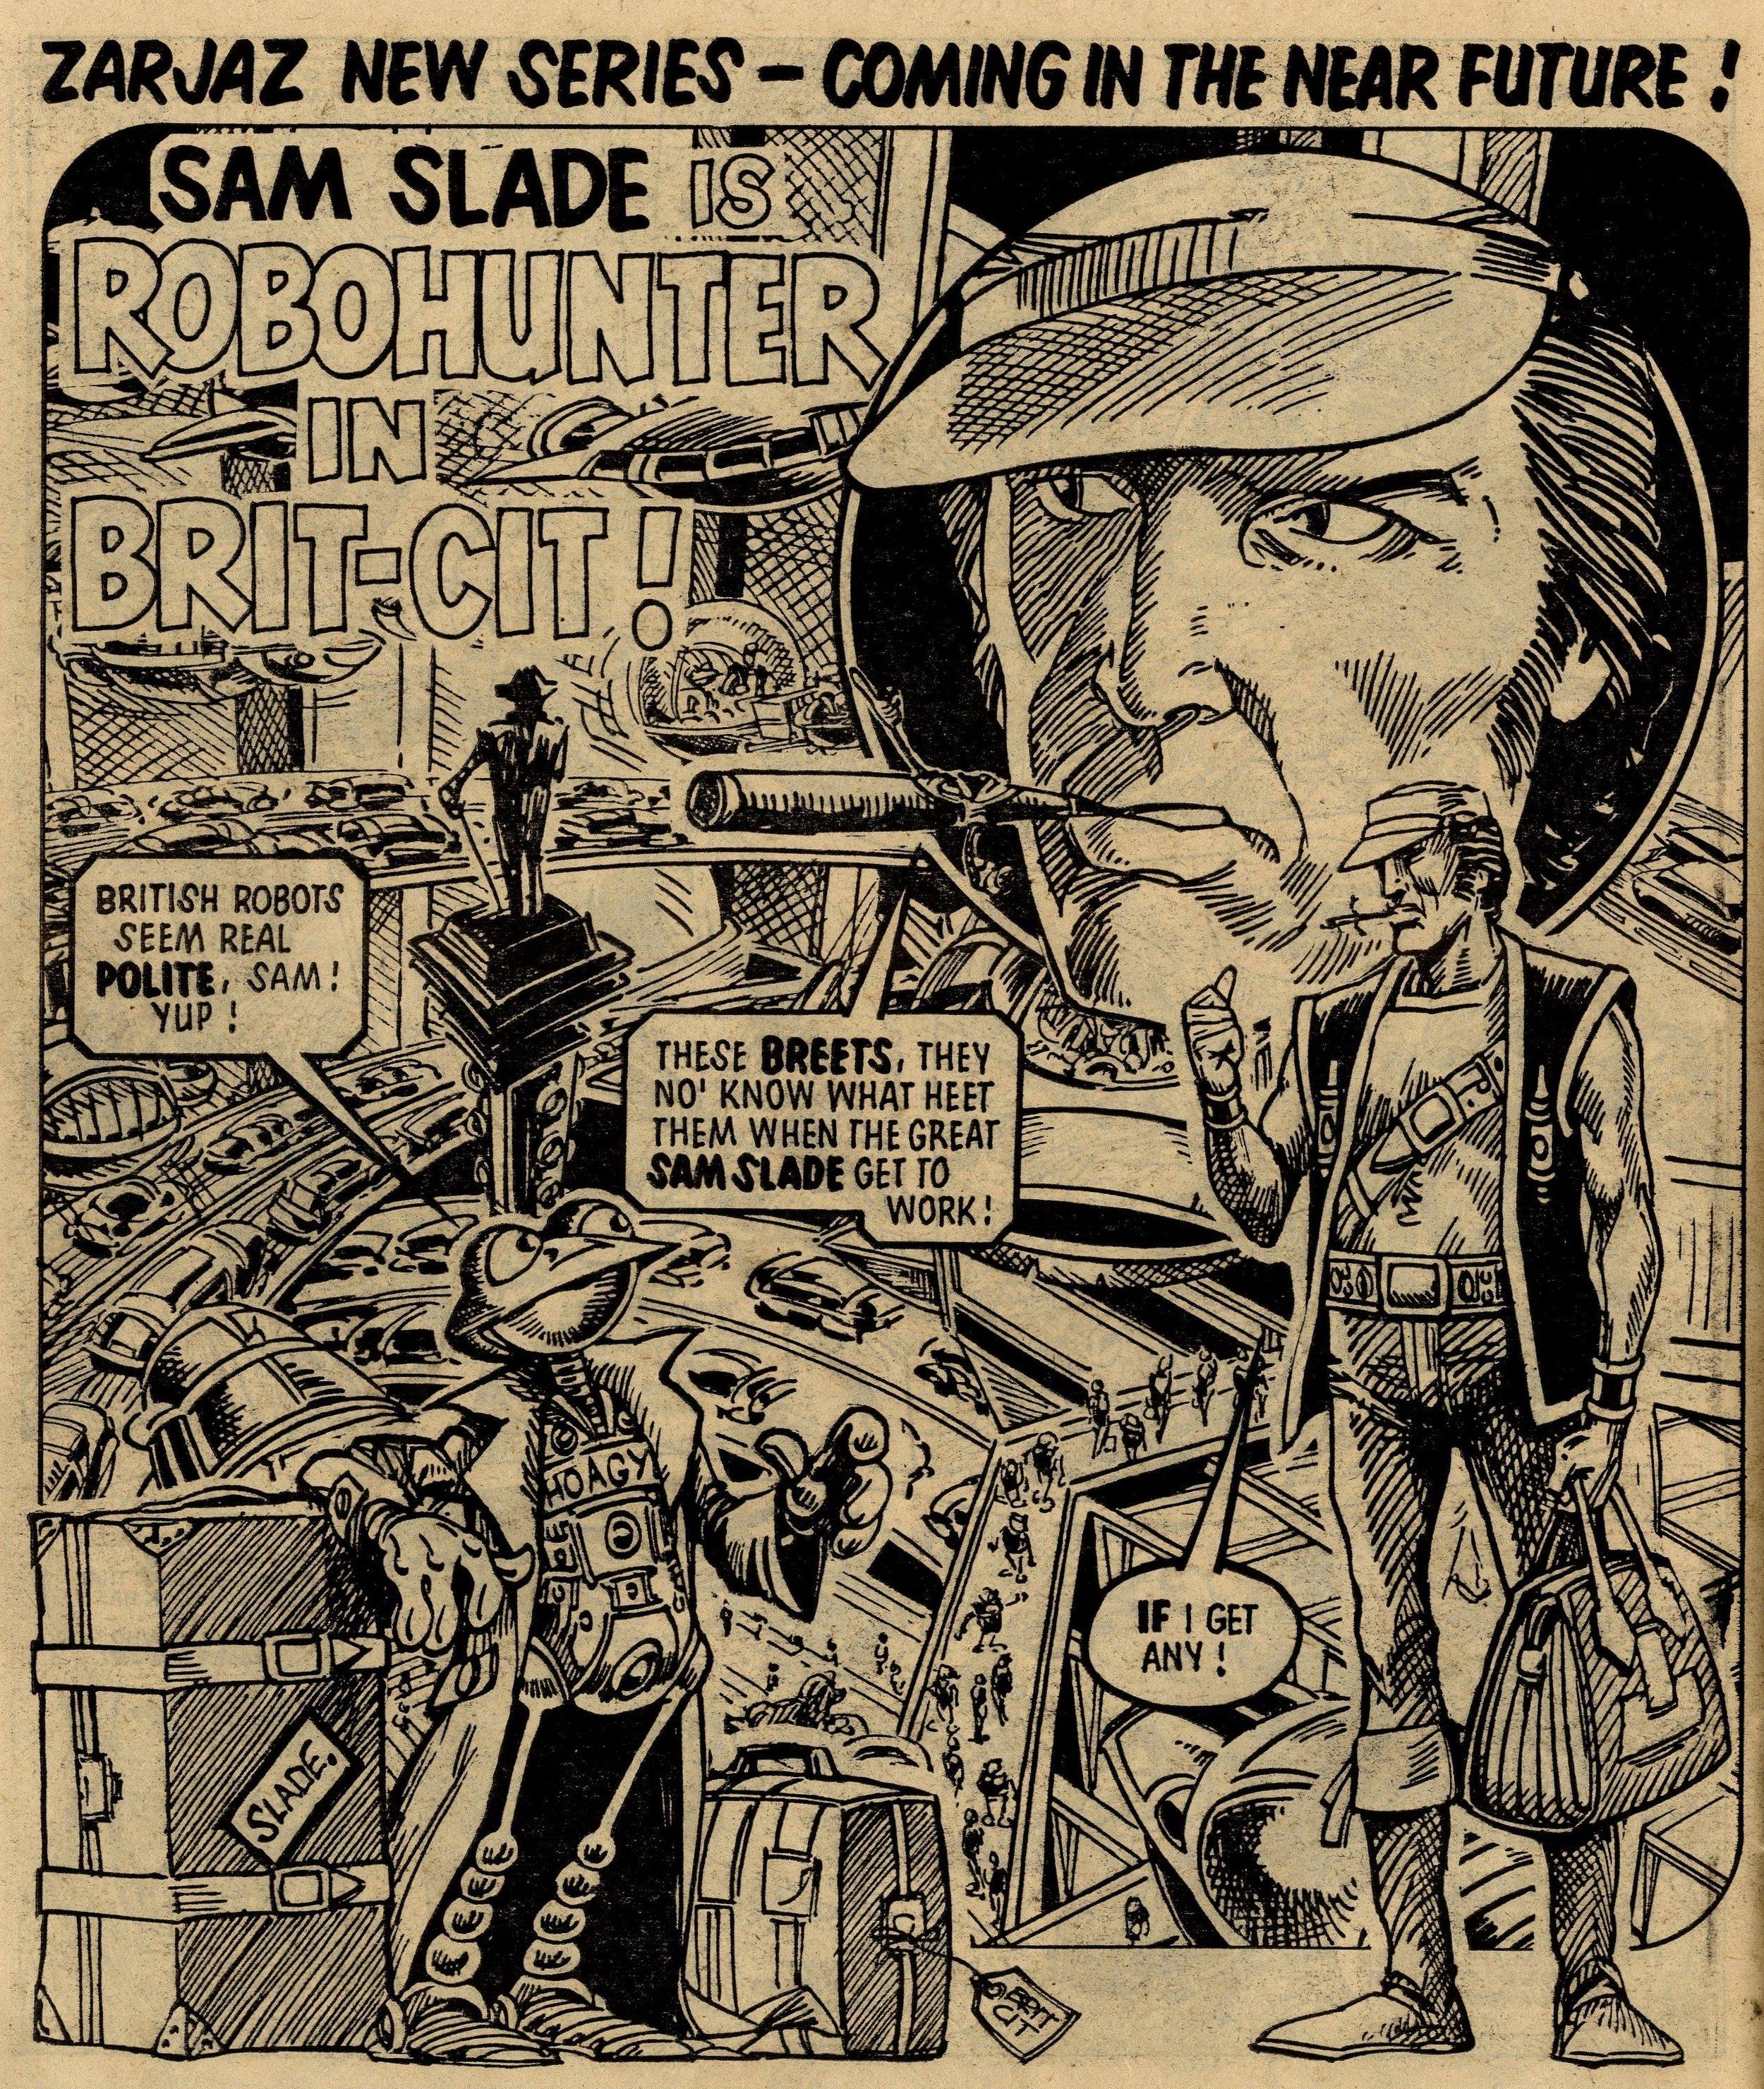 Robo Hunter preview: Ian Gibson (artist)